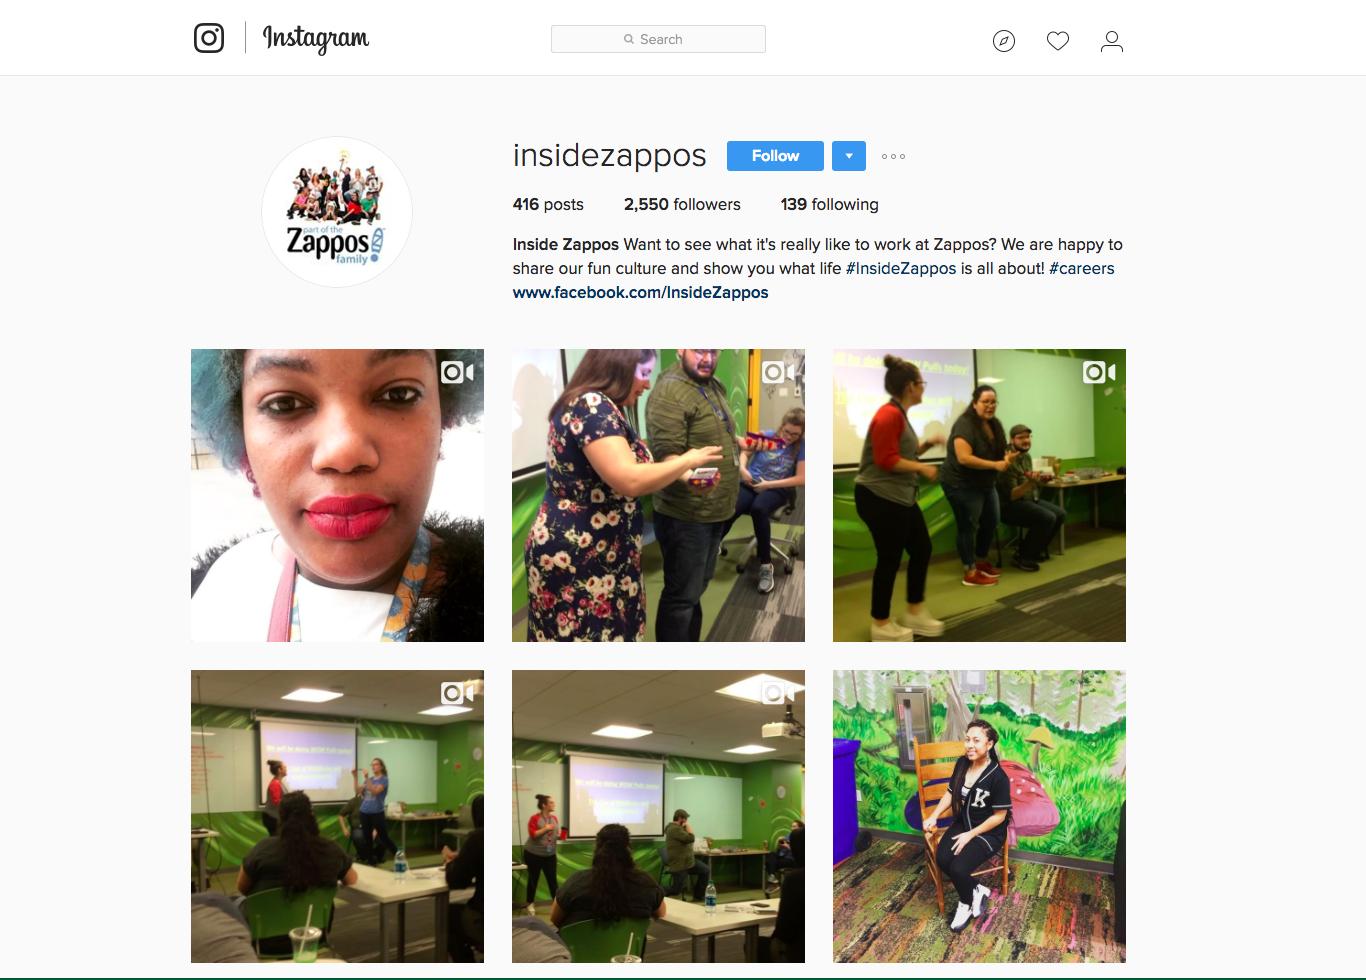 Zappos instagram example